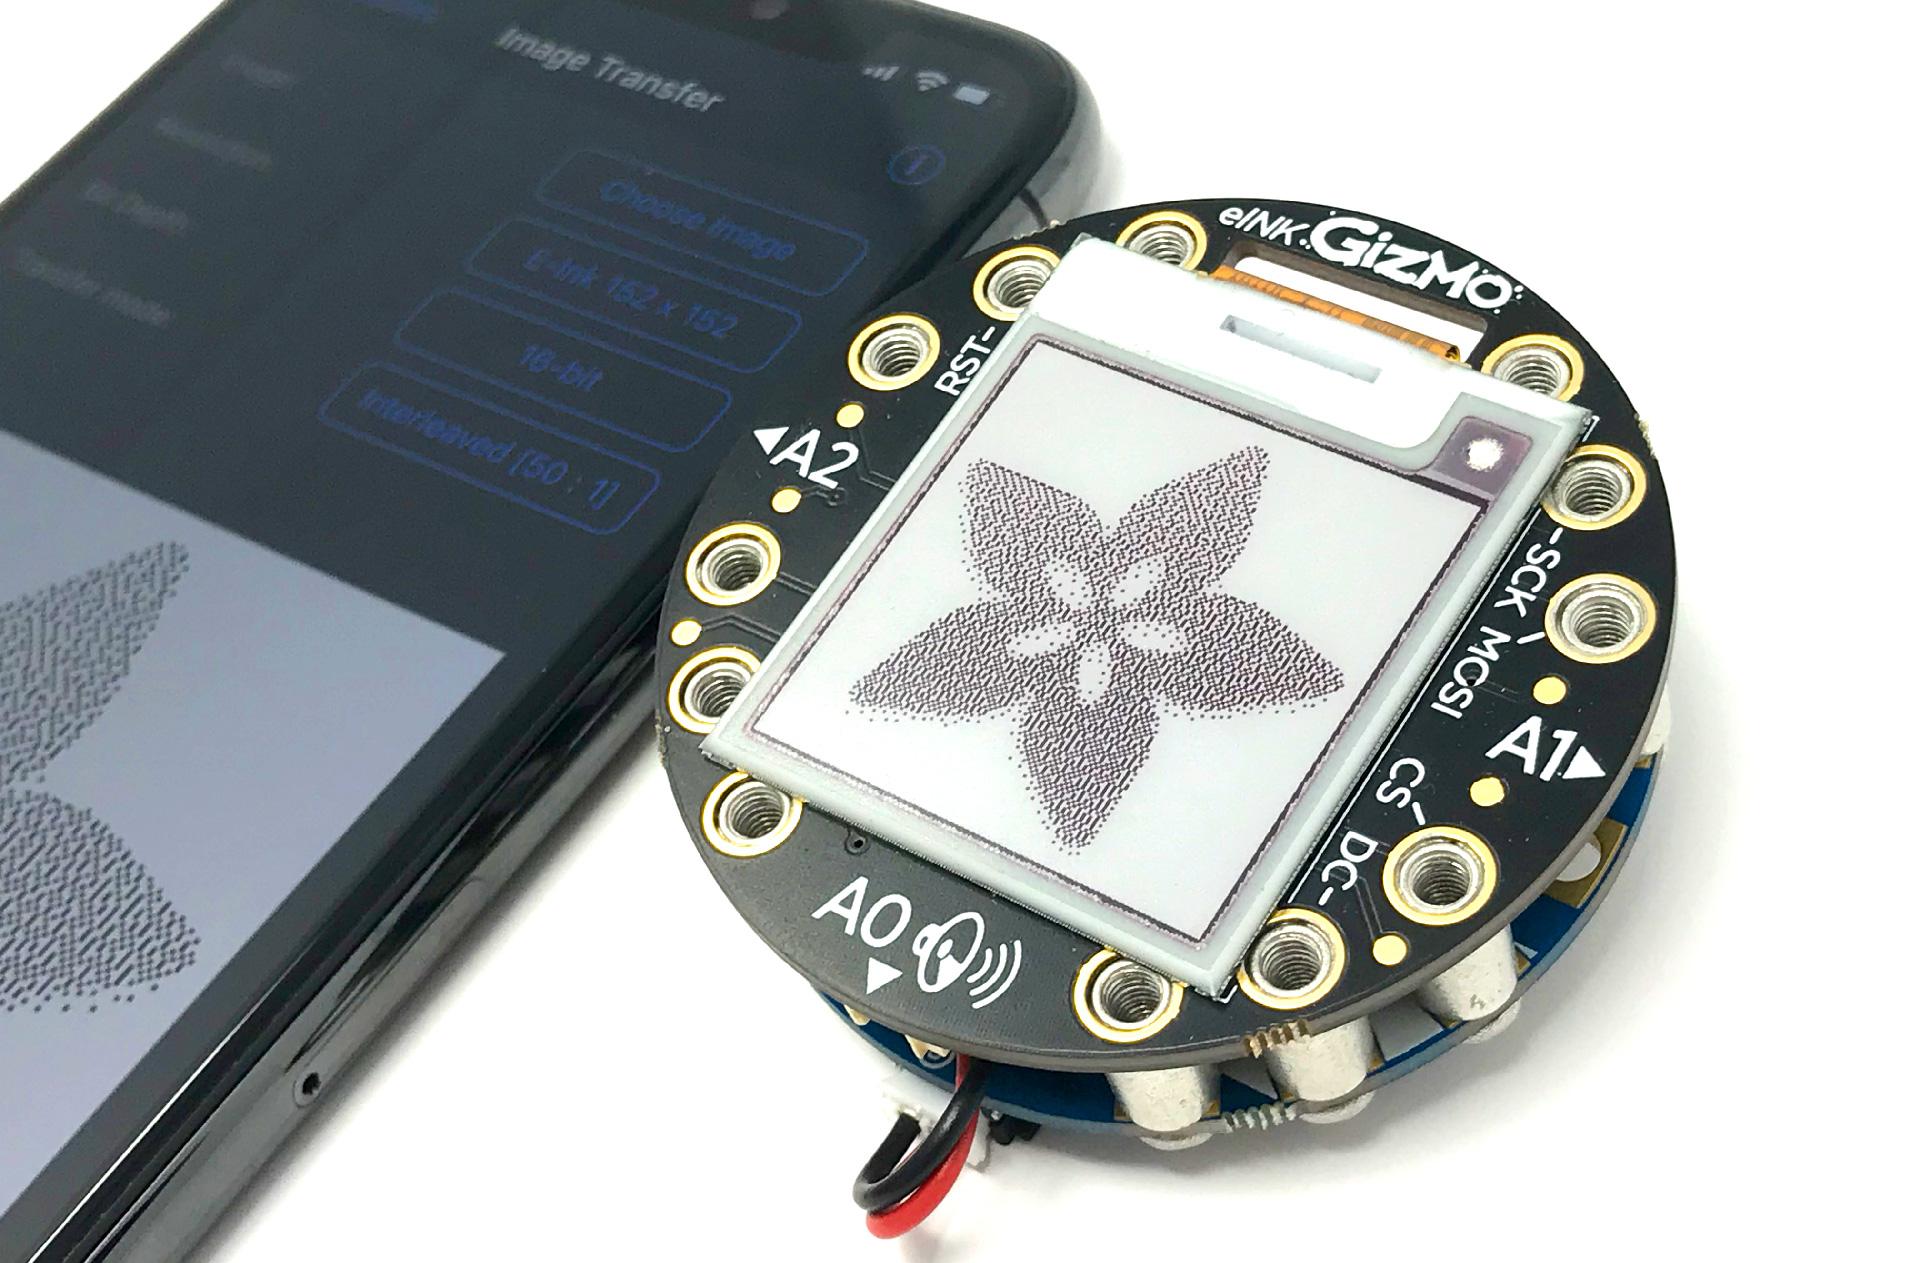 eink___epaper_adafruit-logo-_-phone2-wide.jpg